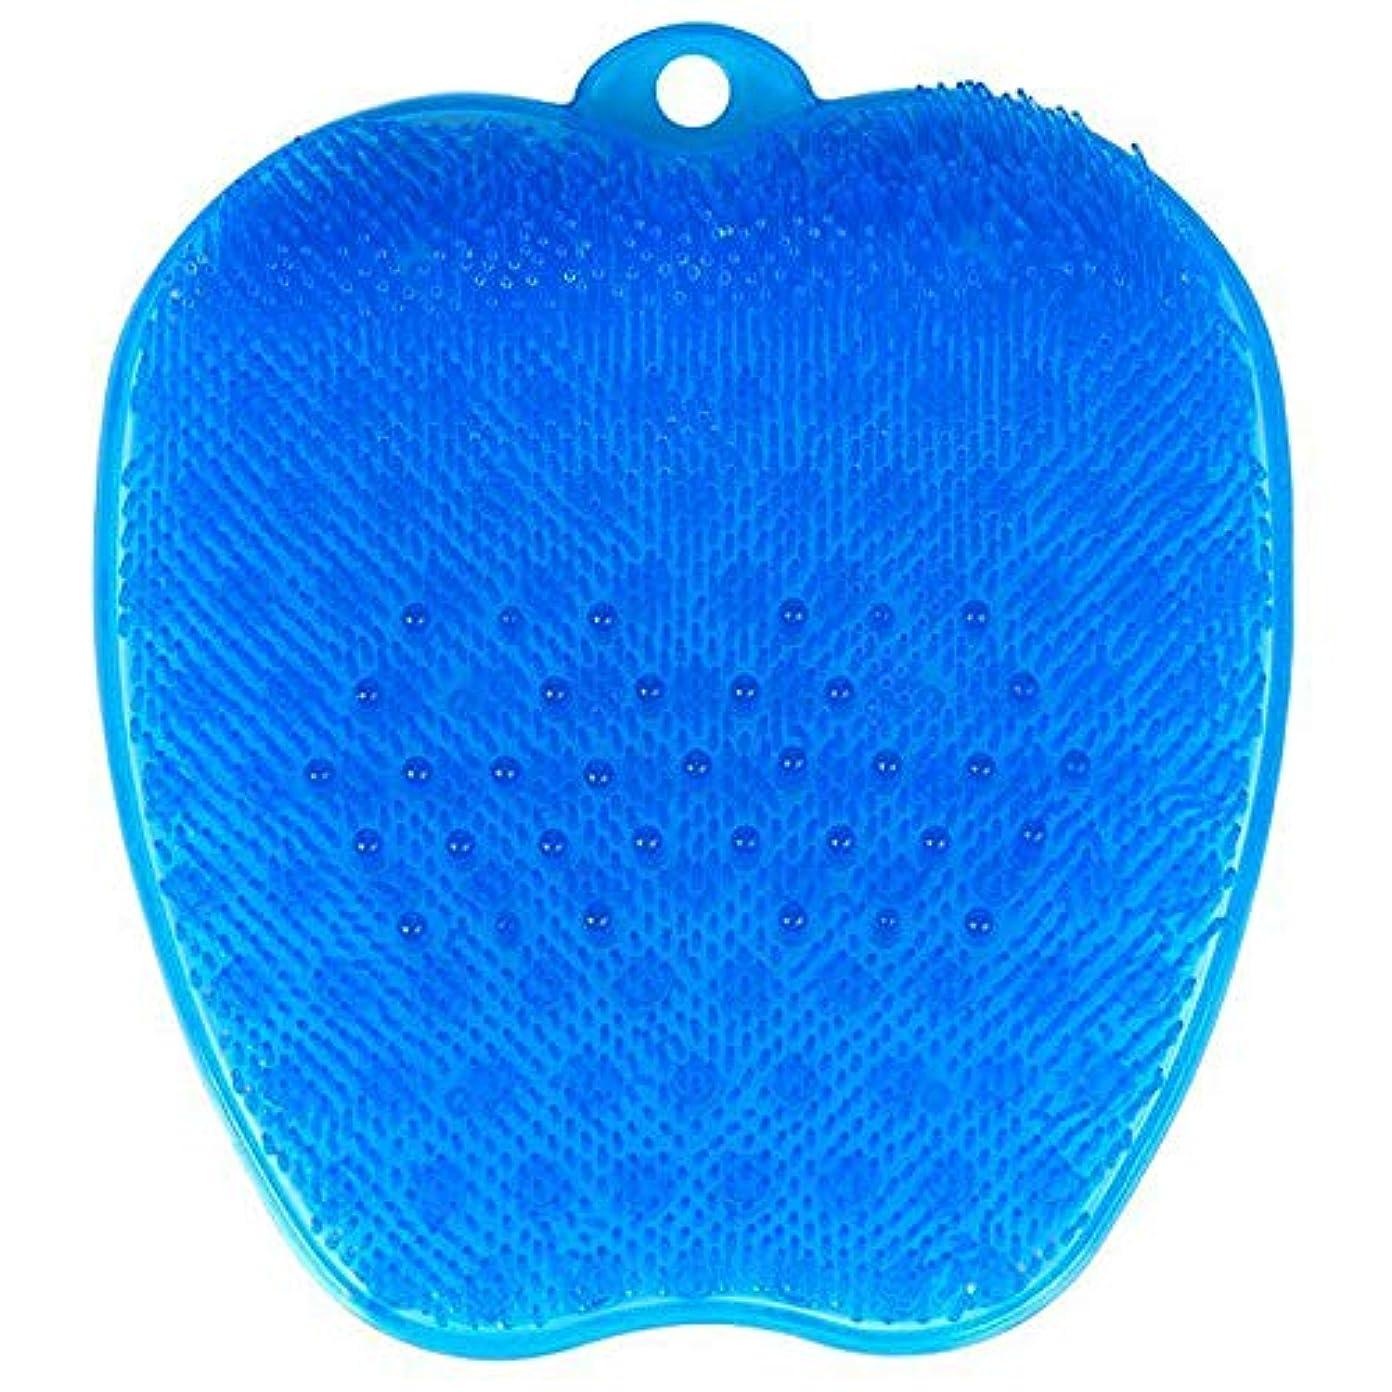 暖かさ報奨金特徴足洗いブラシ 滑らない吸盤付き ブルー フットケア フットブラシ 角質ケアブラシ お風呂で使える